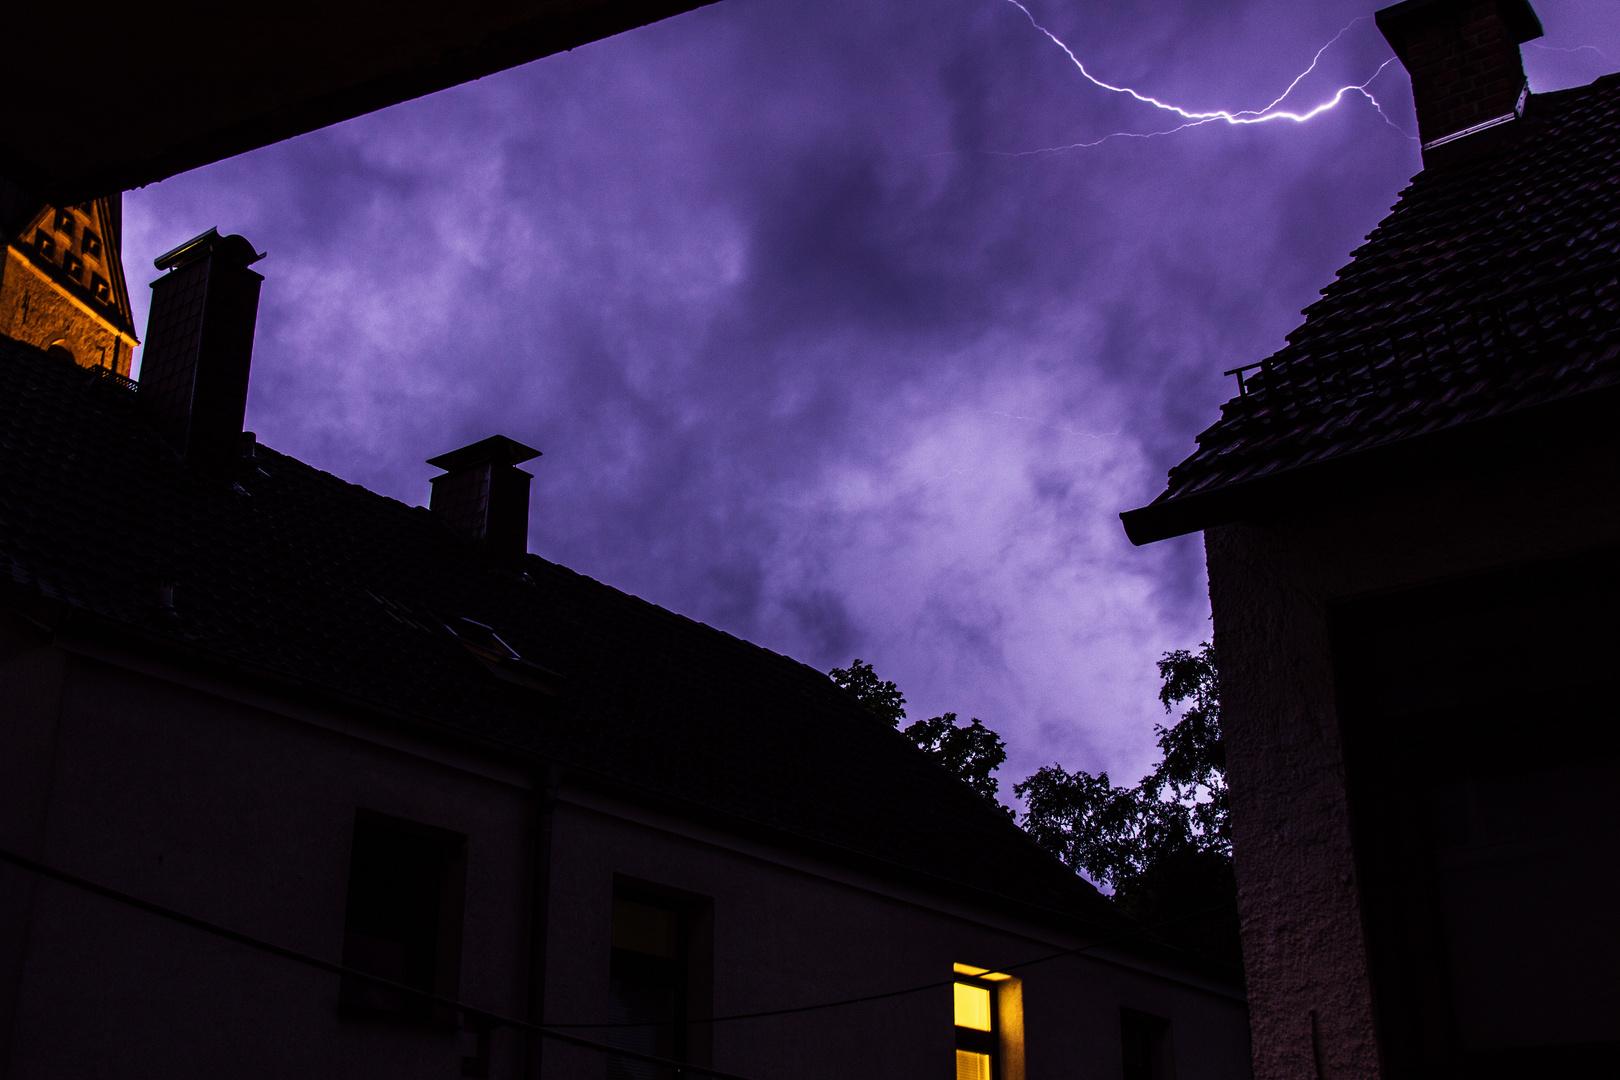 kleiner Blitz in großem Unwetter